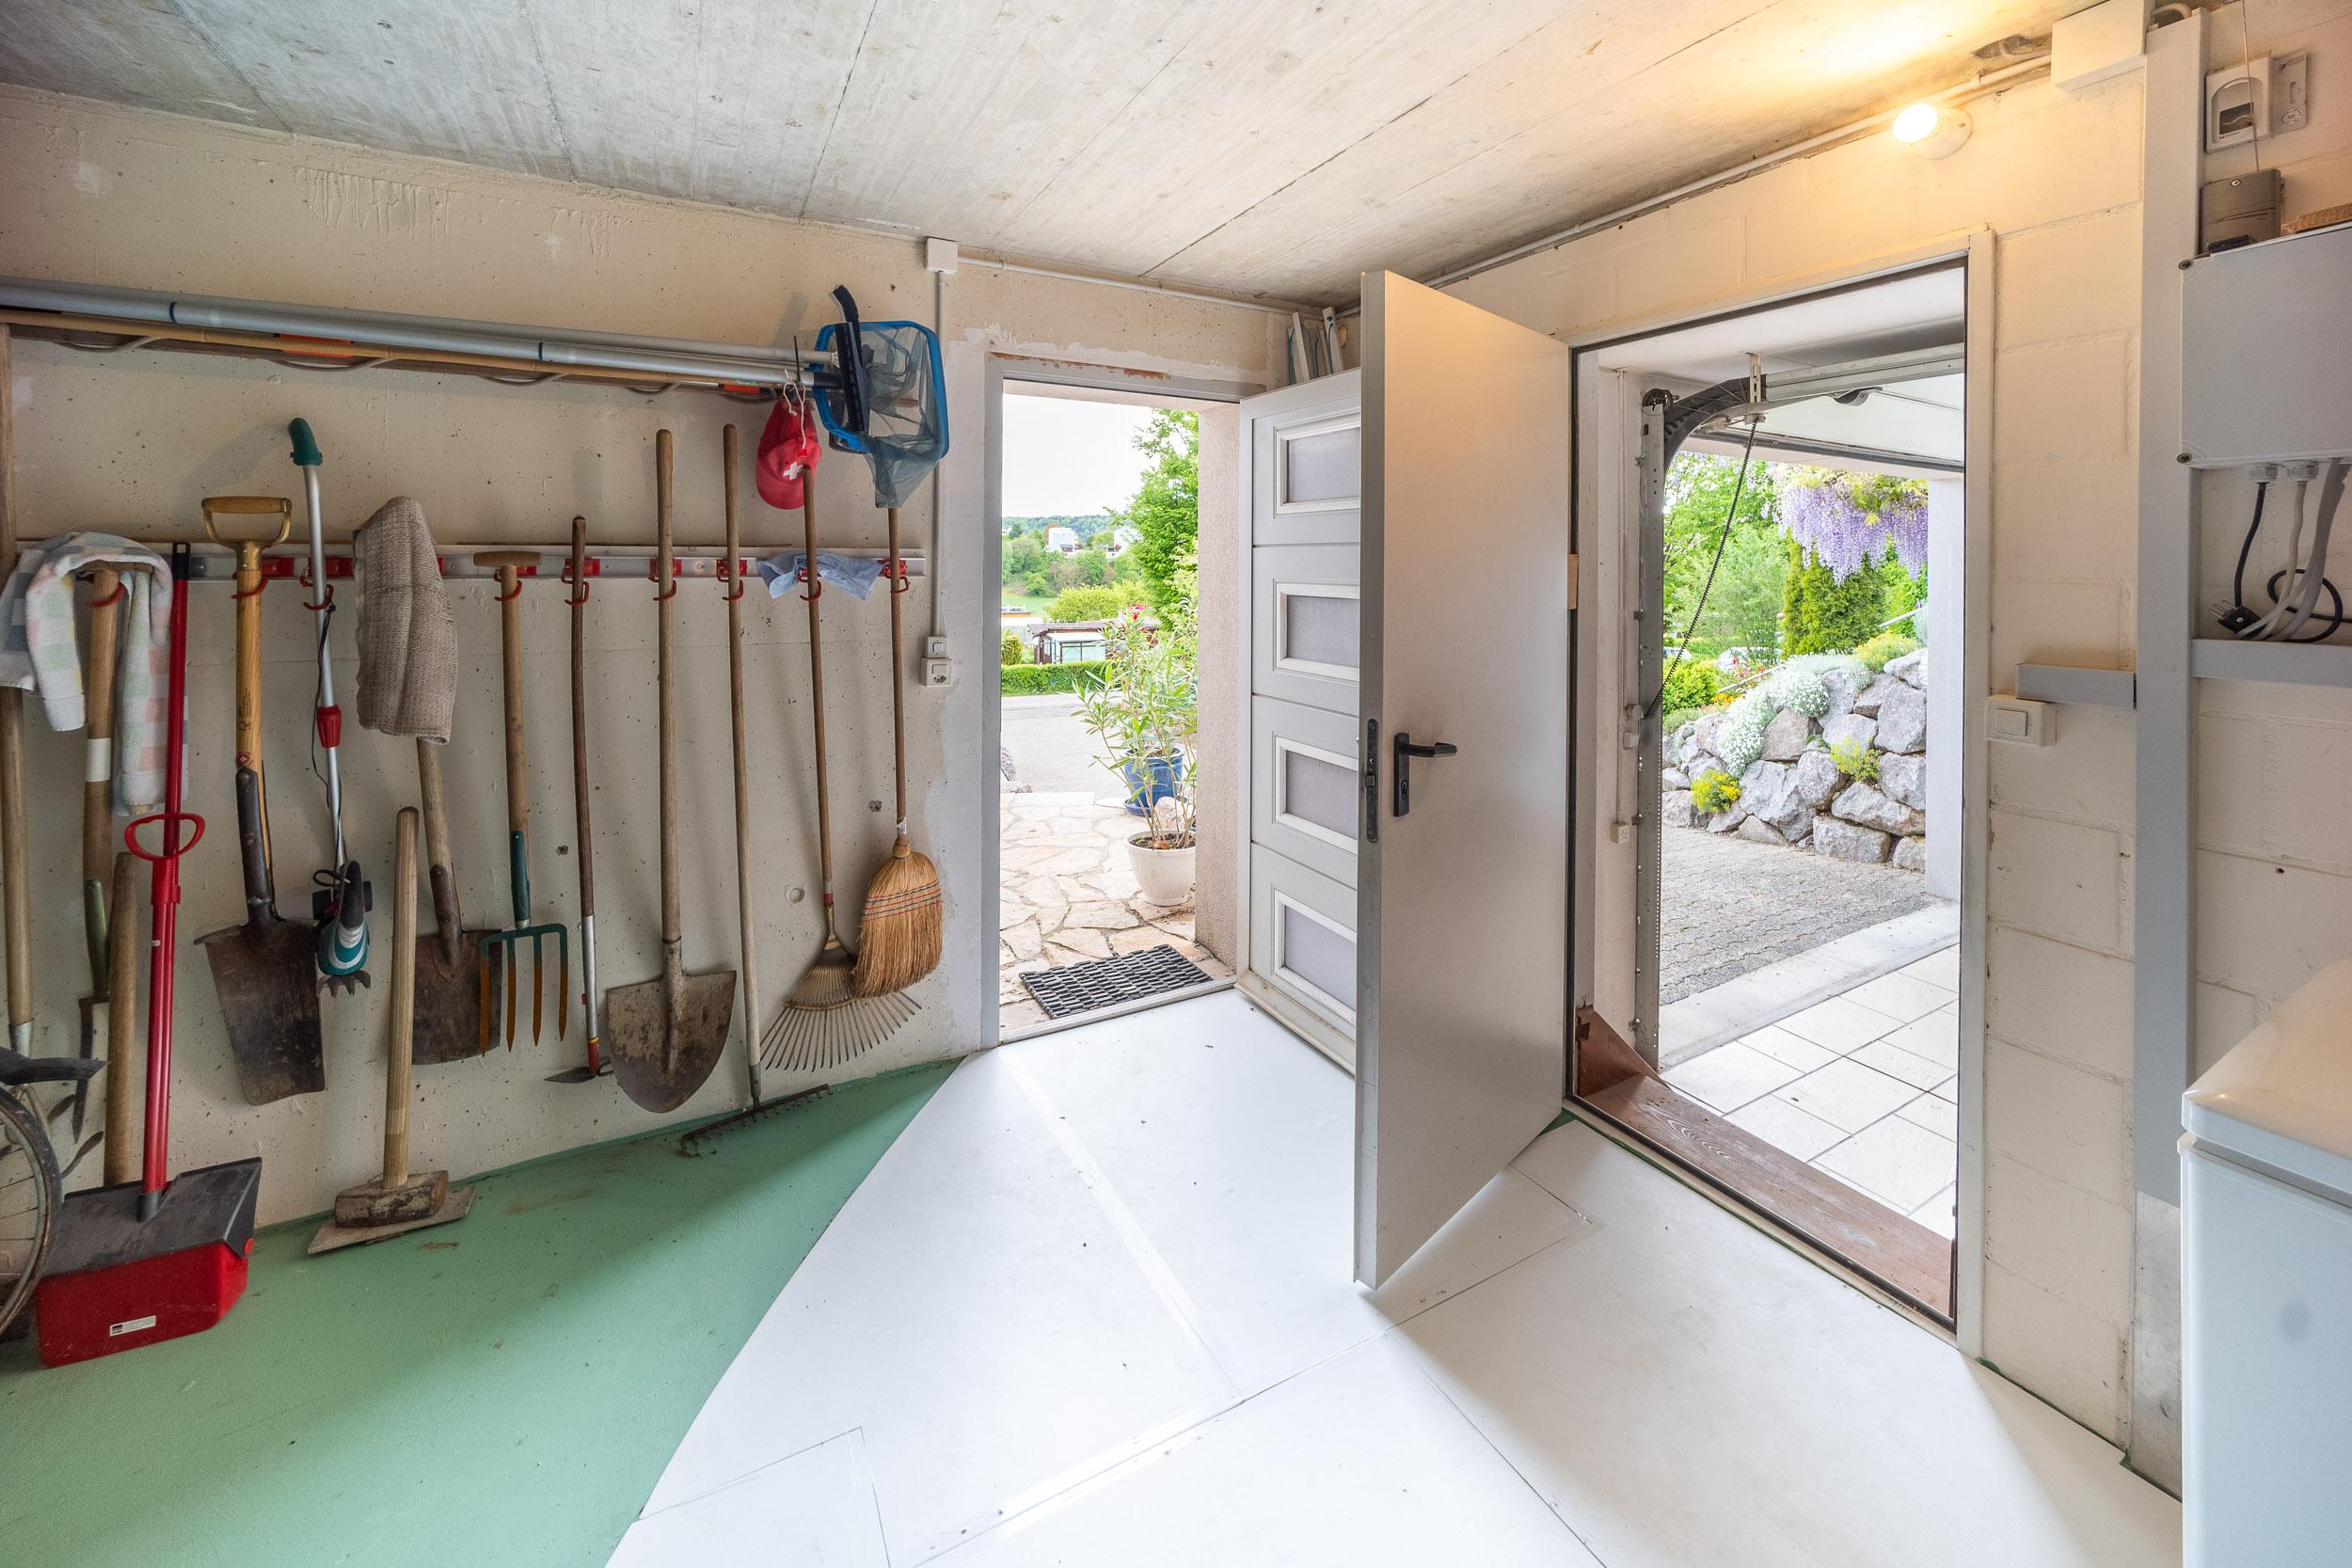 Nach der Waschküche gelangen Sie in einen Geräteraum mit Kellerabteil und Türen Richtung Garten und Garage